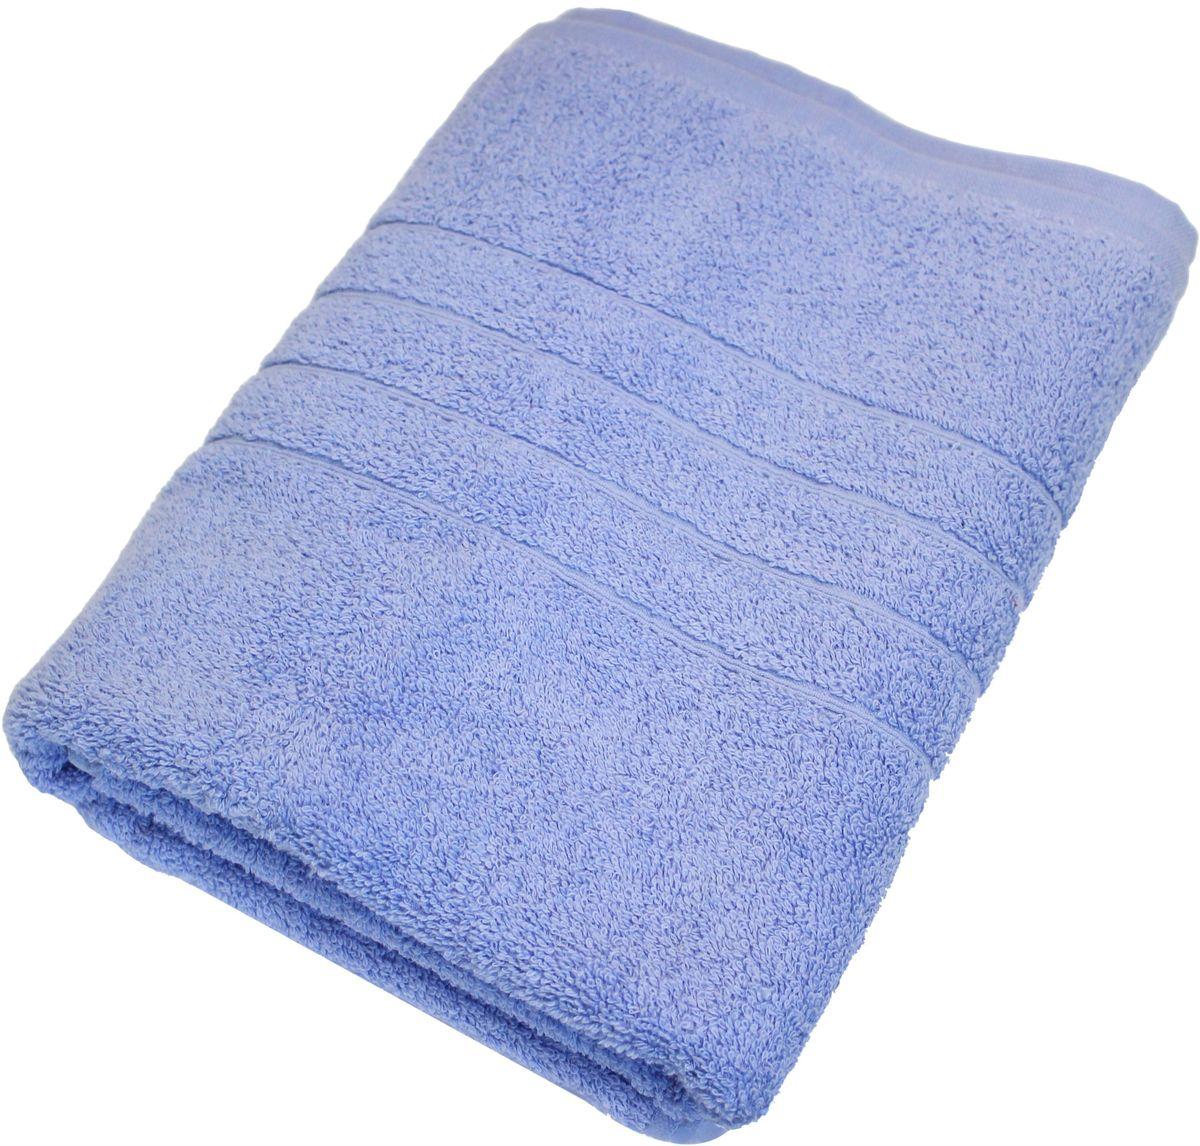 Полотенце Proffi Home Модерн, цвет: голубой, 70 x 140 см68/5/2Мягкое махровое полотенцеProffi Home Модерн отлично впитывает влагу и быстро сохнет, приятно в него завернуться после принятия ванны или посещения сауны. Поэтому данное махровое полотенце можно использовать в качестве душевого, банного или пляжного полотенца. Состав: 100% хлопок.